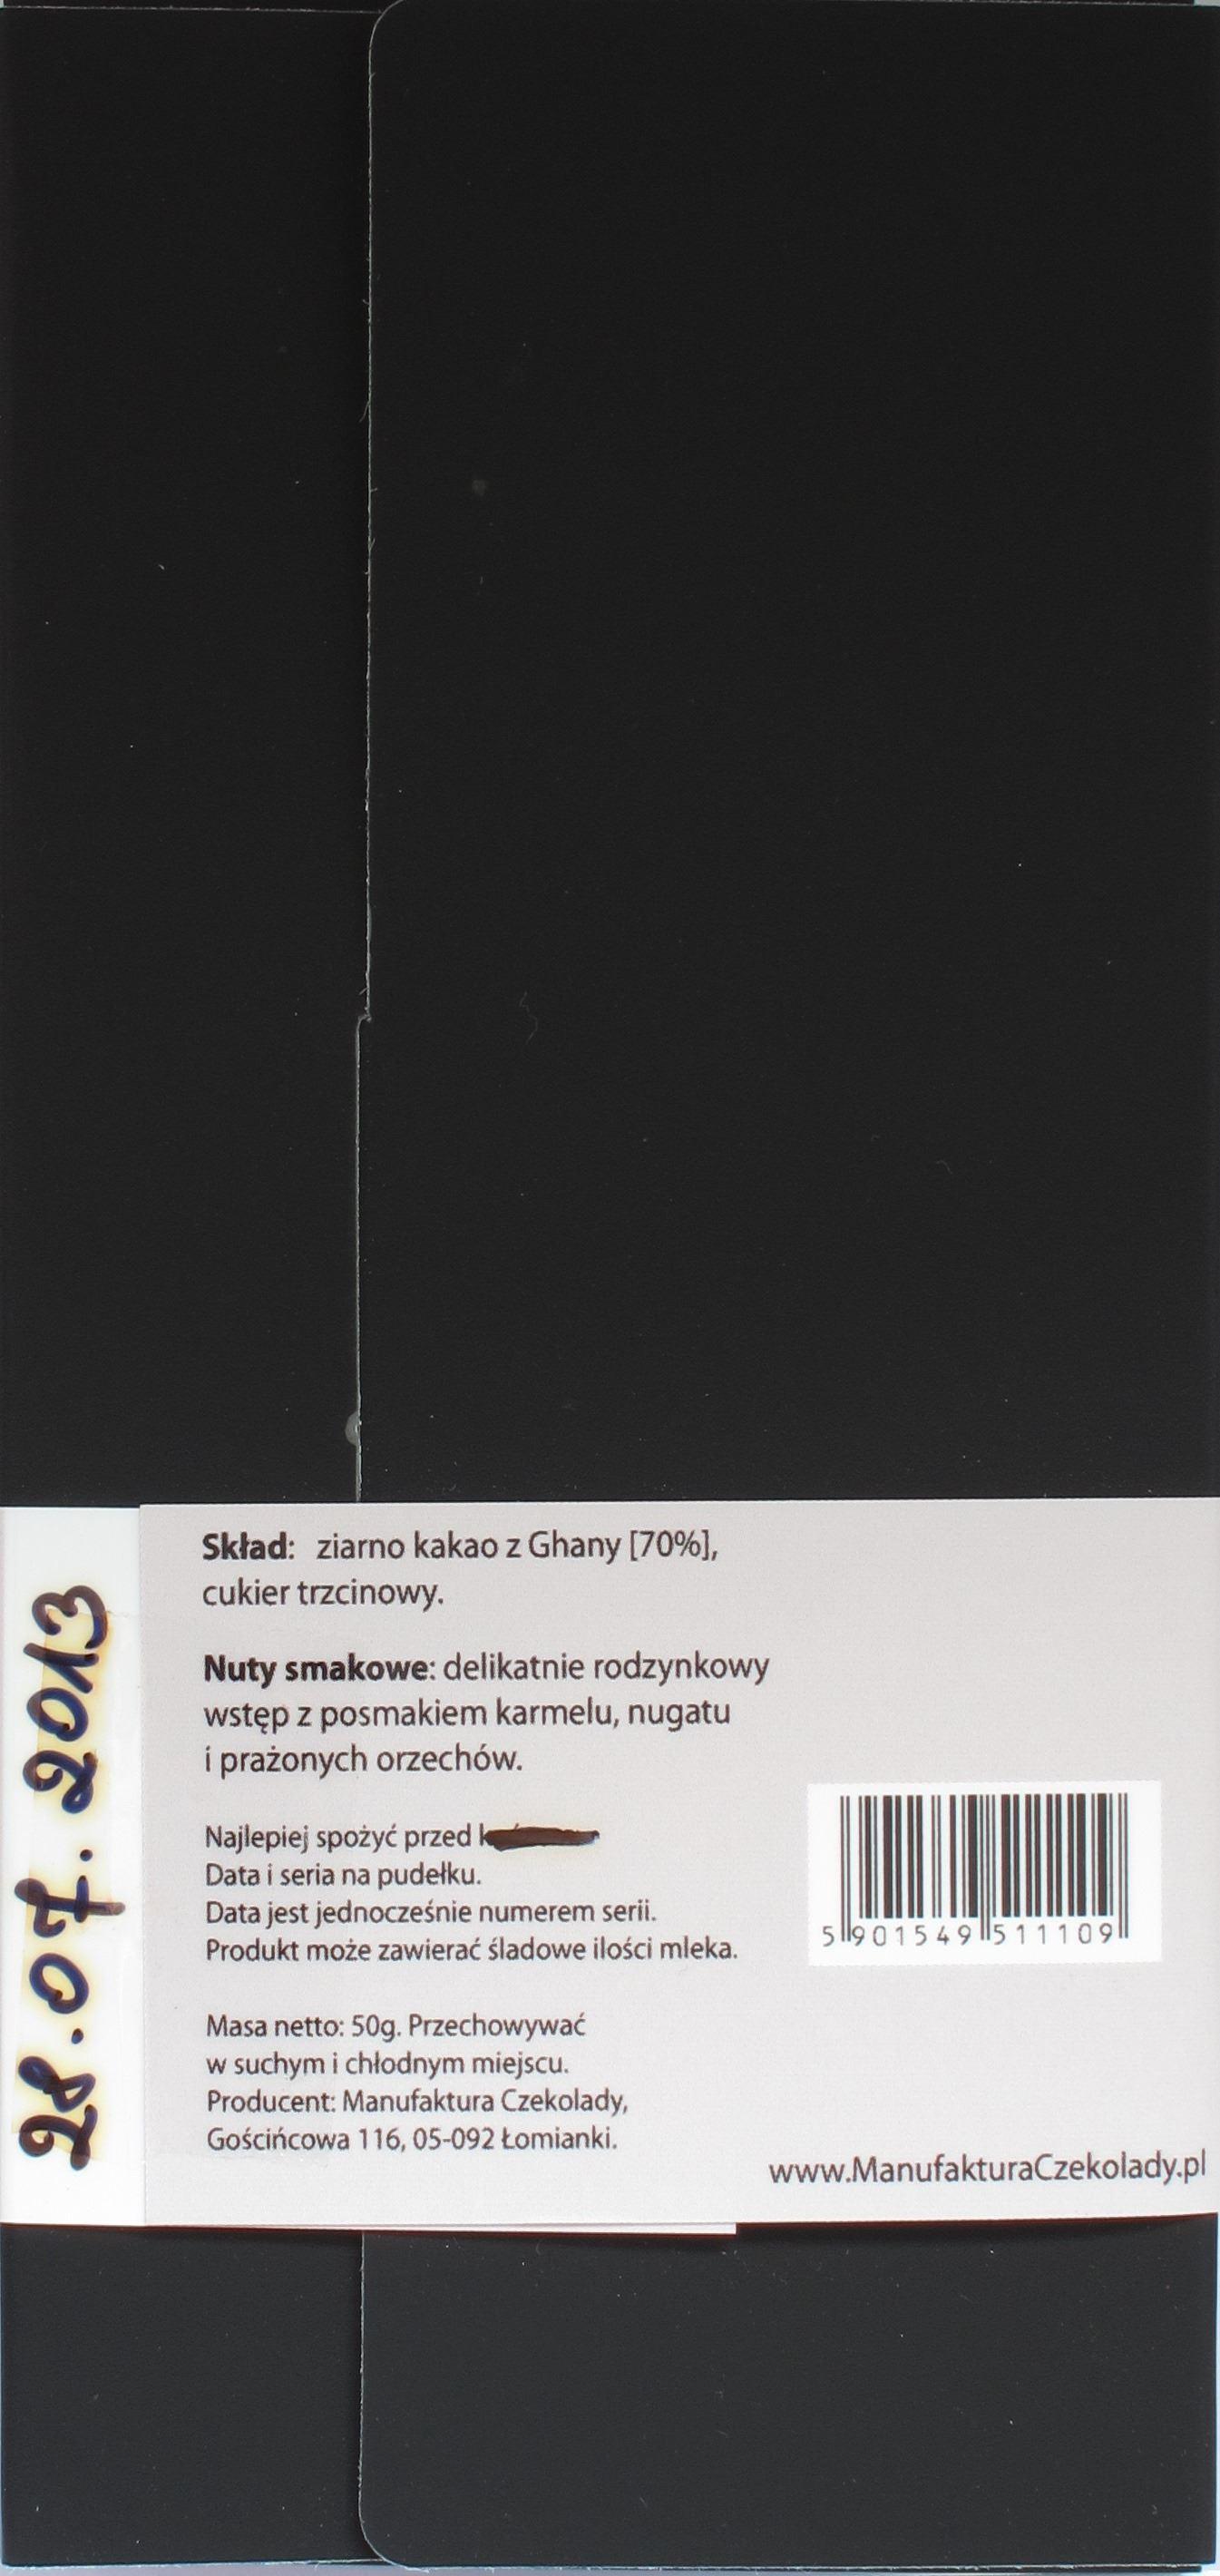 Packungsrückseite, Manufaktura Czekolady, 70% Ghana